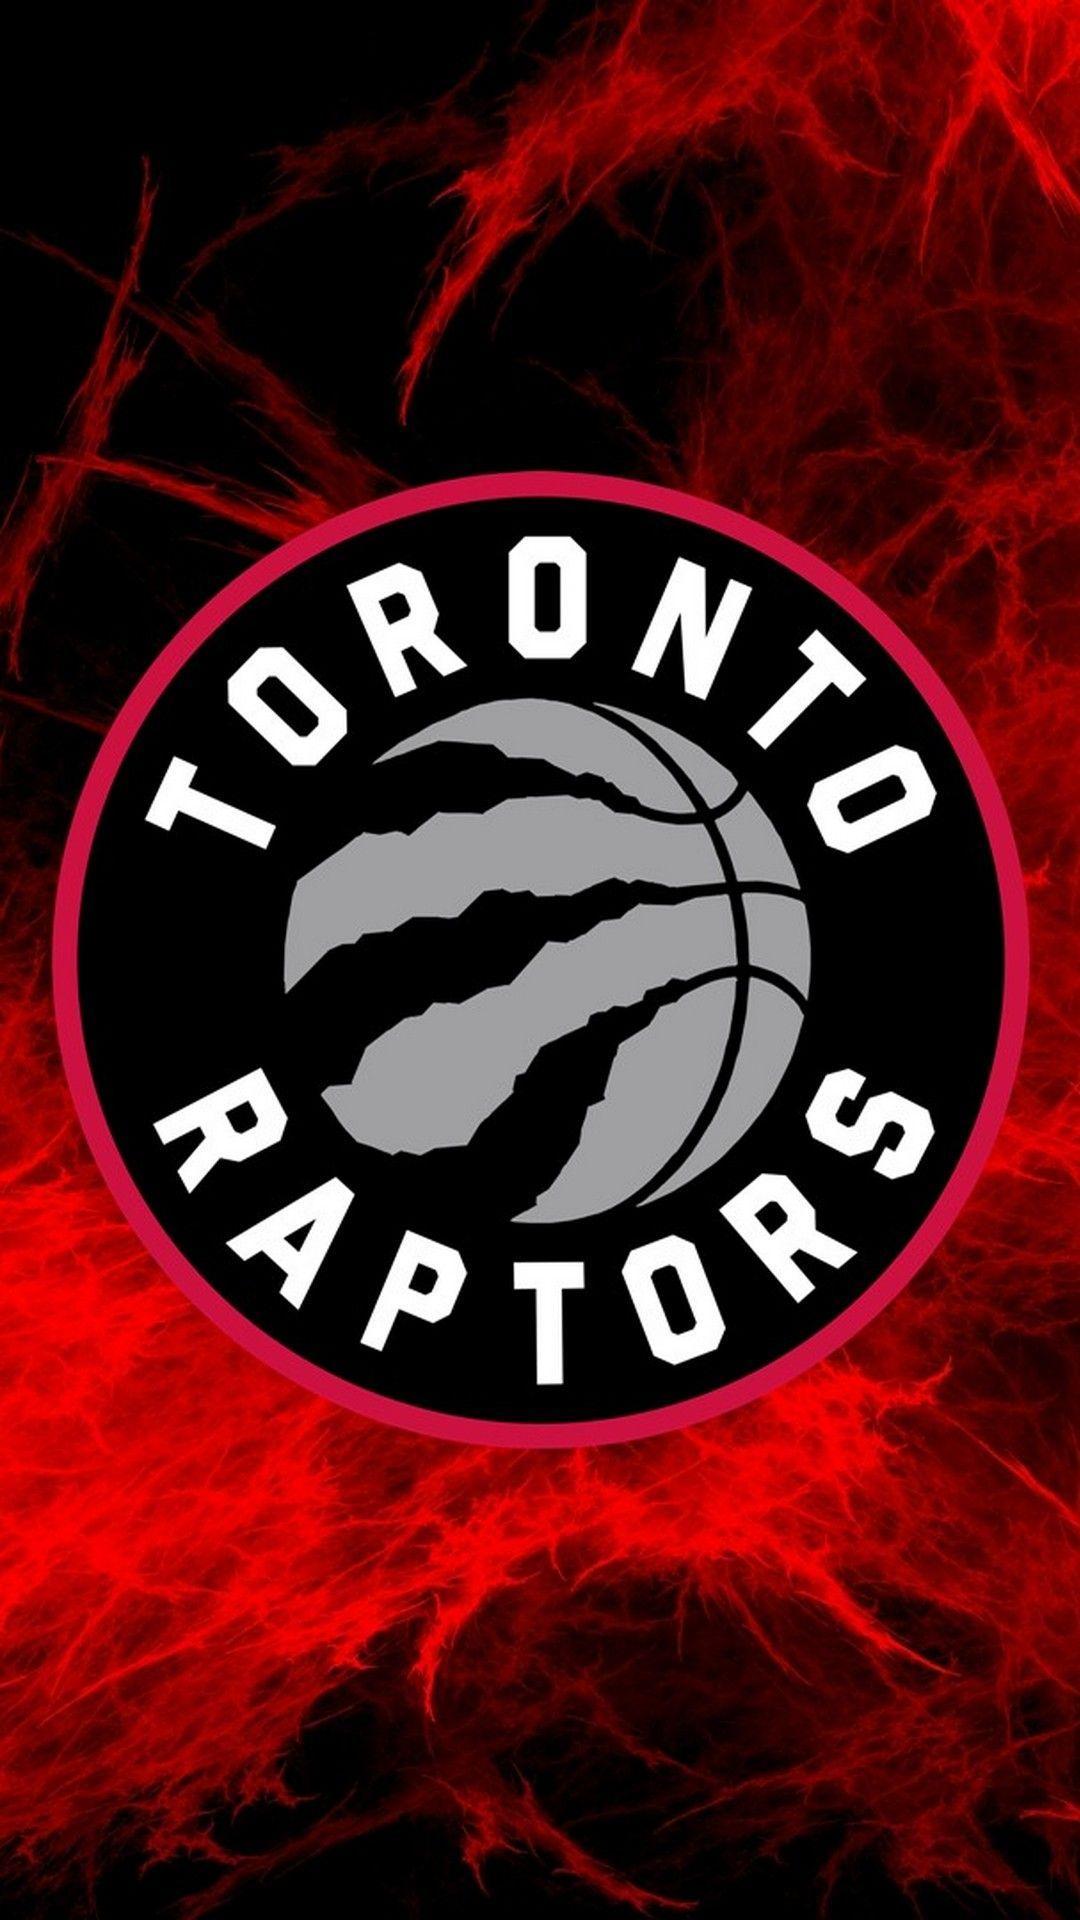 Toronto Raptors Nba Champions Wallpapers Wallpaper Cave